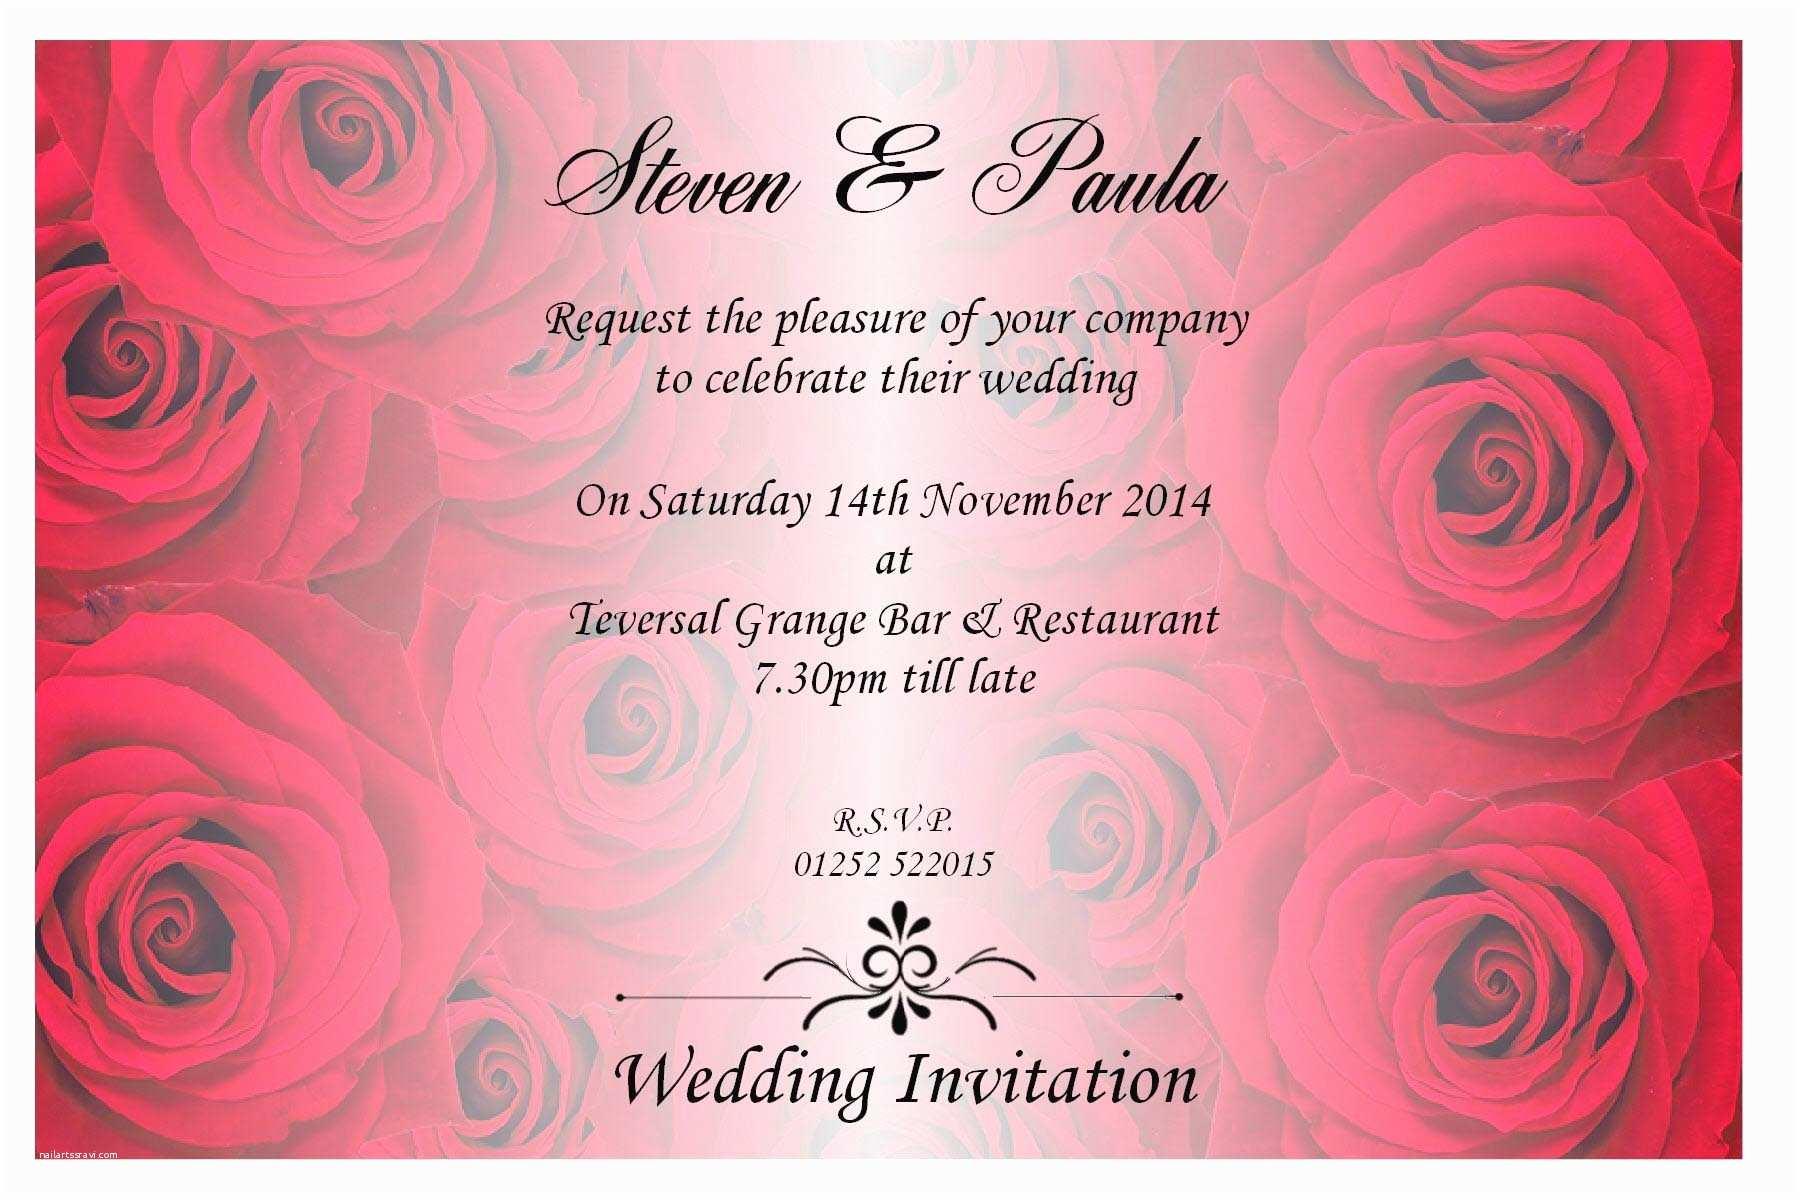 Indian Wedding Invitation Quotes Romantic Marriage Invitation Quotes for Indian Wedding